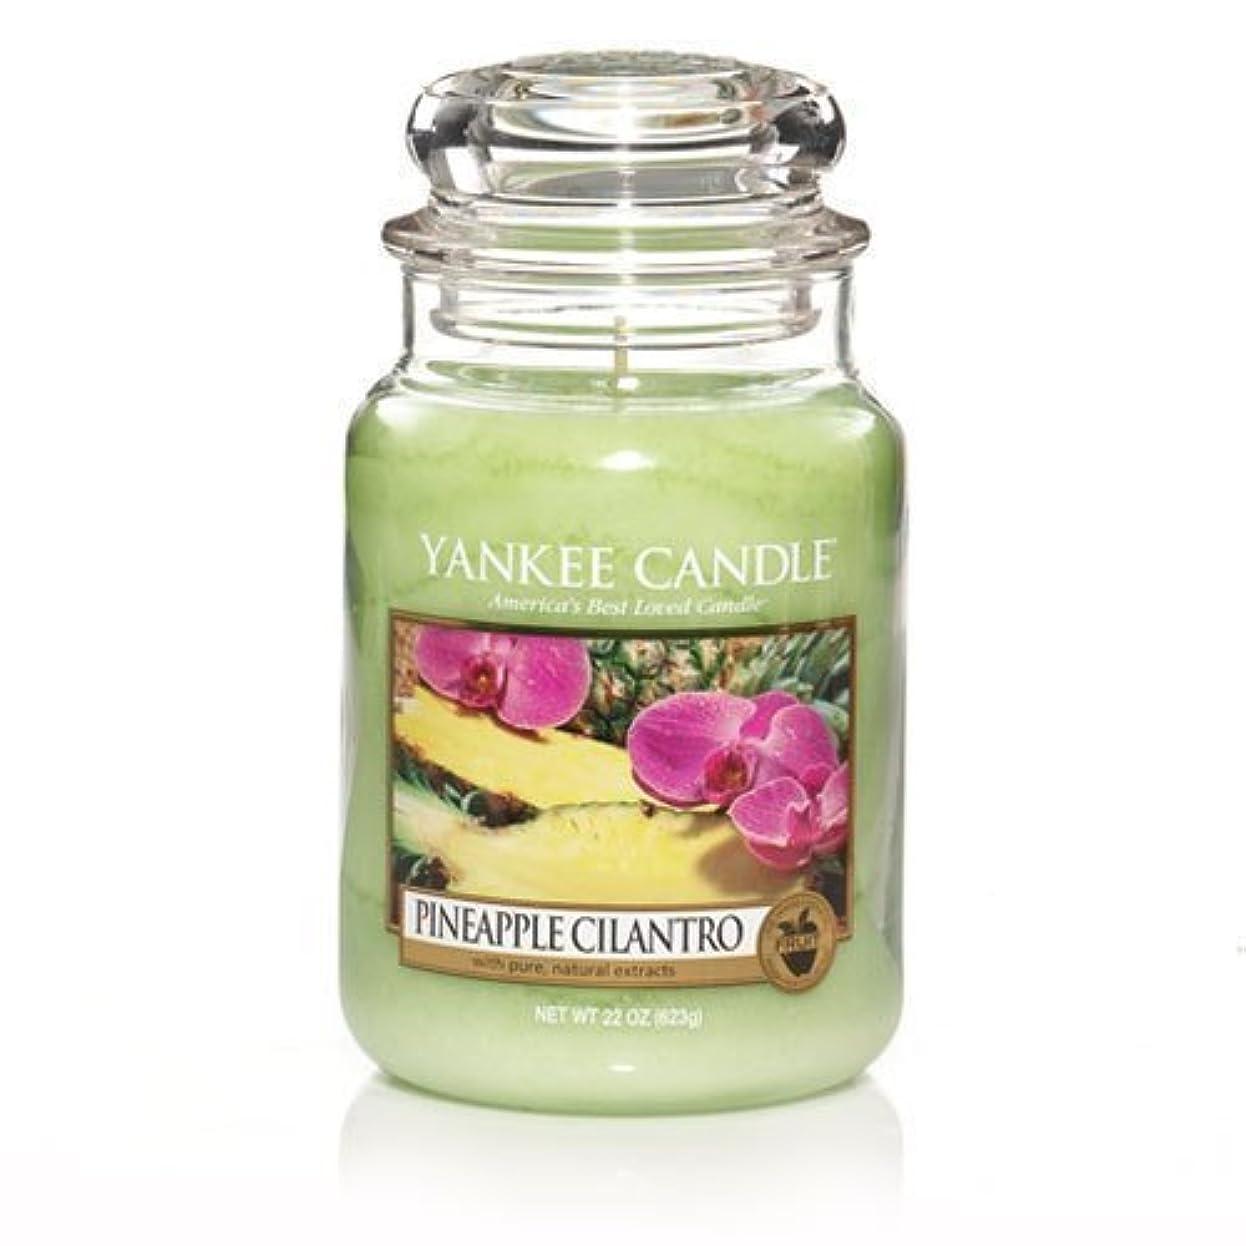 離れて宿題断片Yankee Candle Pineapple Cilantro Large Jar 22oz Candle by Amazon source [並行輸入品]